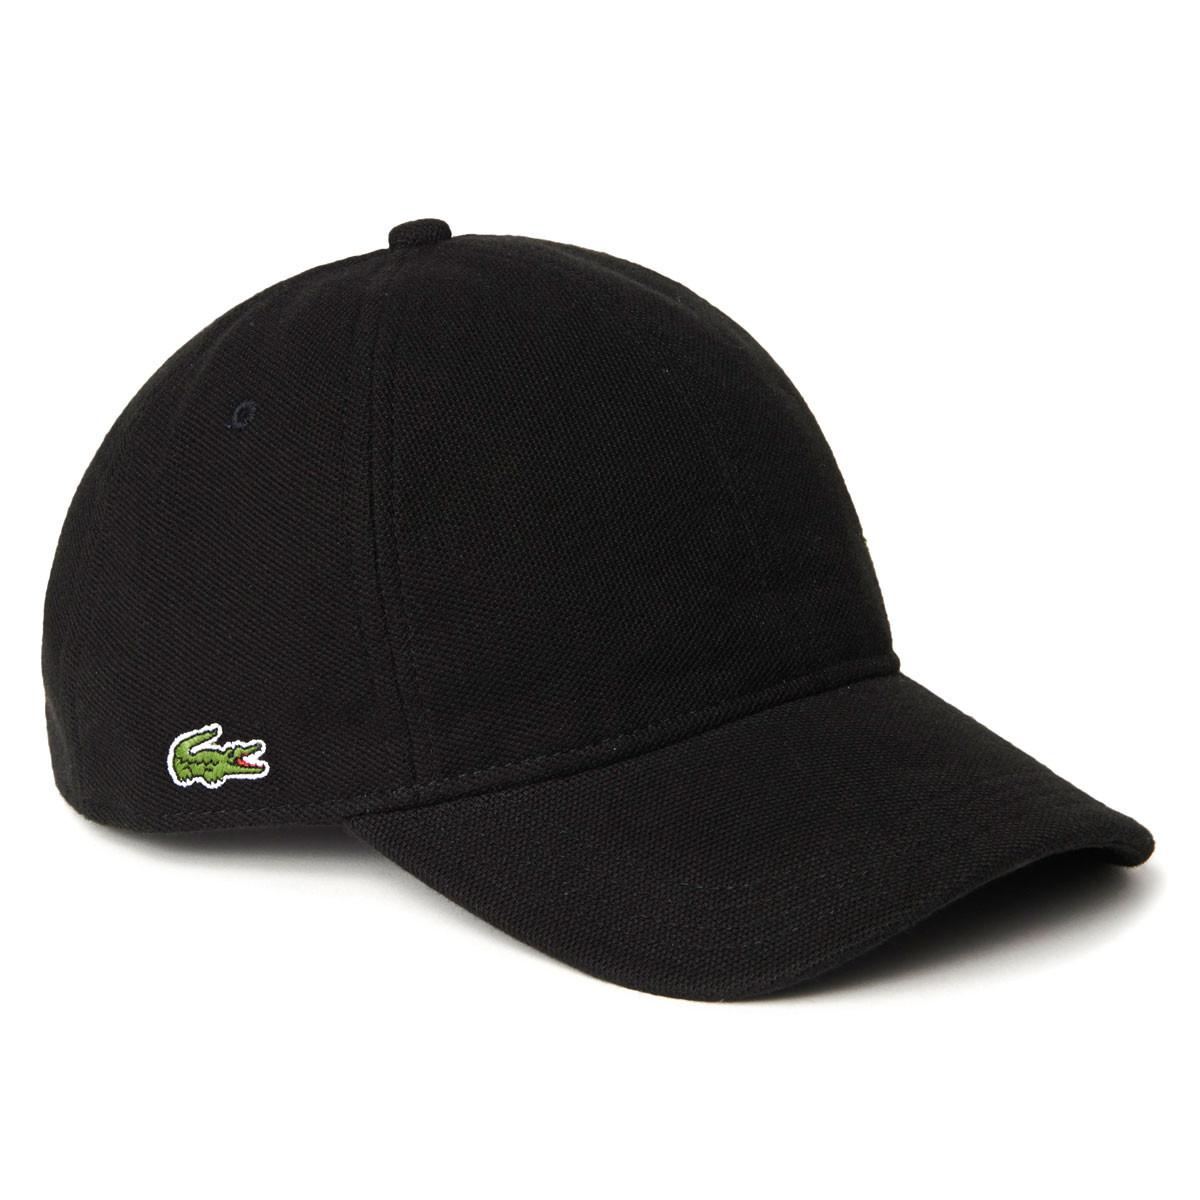 66466ce3 Lacoste Mens 2018 Mens Cotton Pique Cap - Headwear - Men - Chill